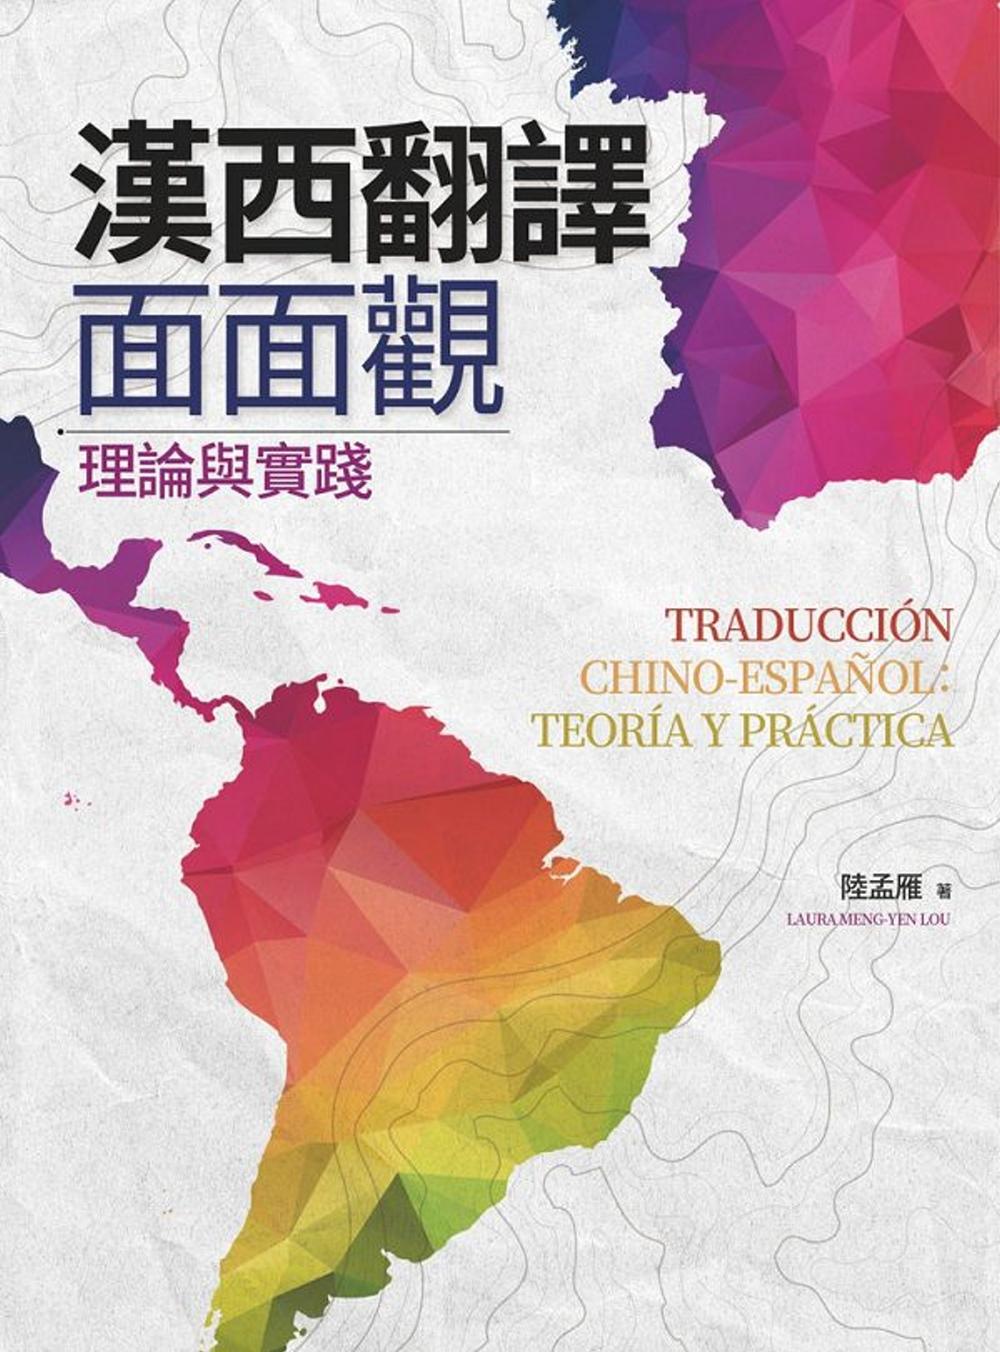 漢西翻譯面面觀:理論與實踐